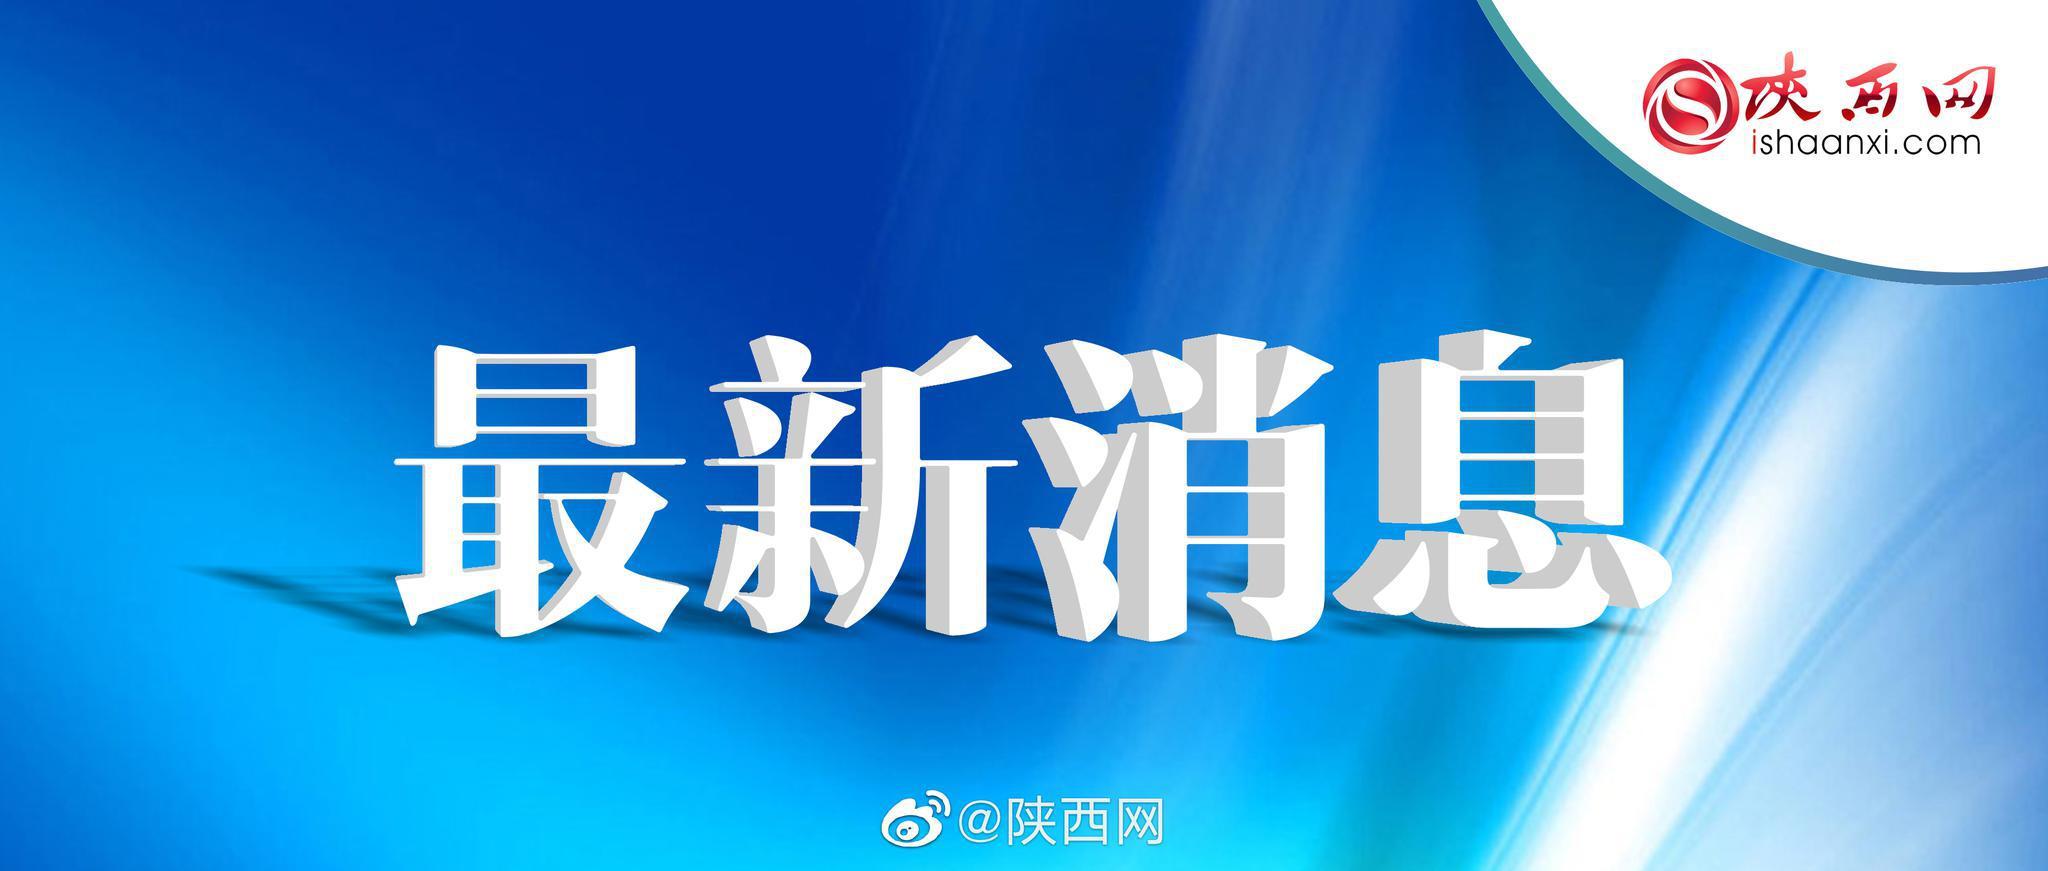 1-3日陕西省有降温、大风、降水天气过程部分路段将受影响